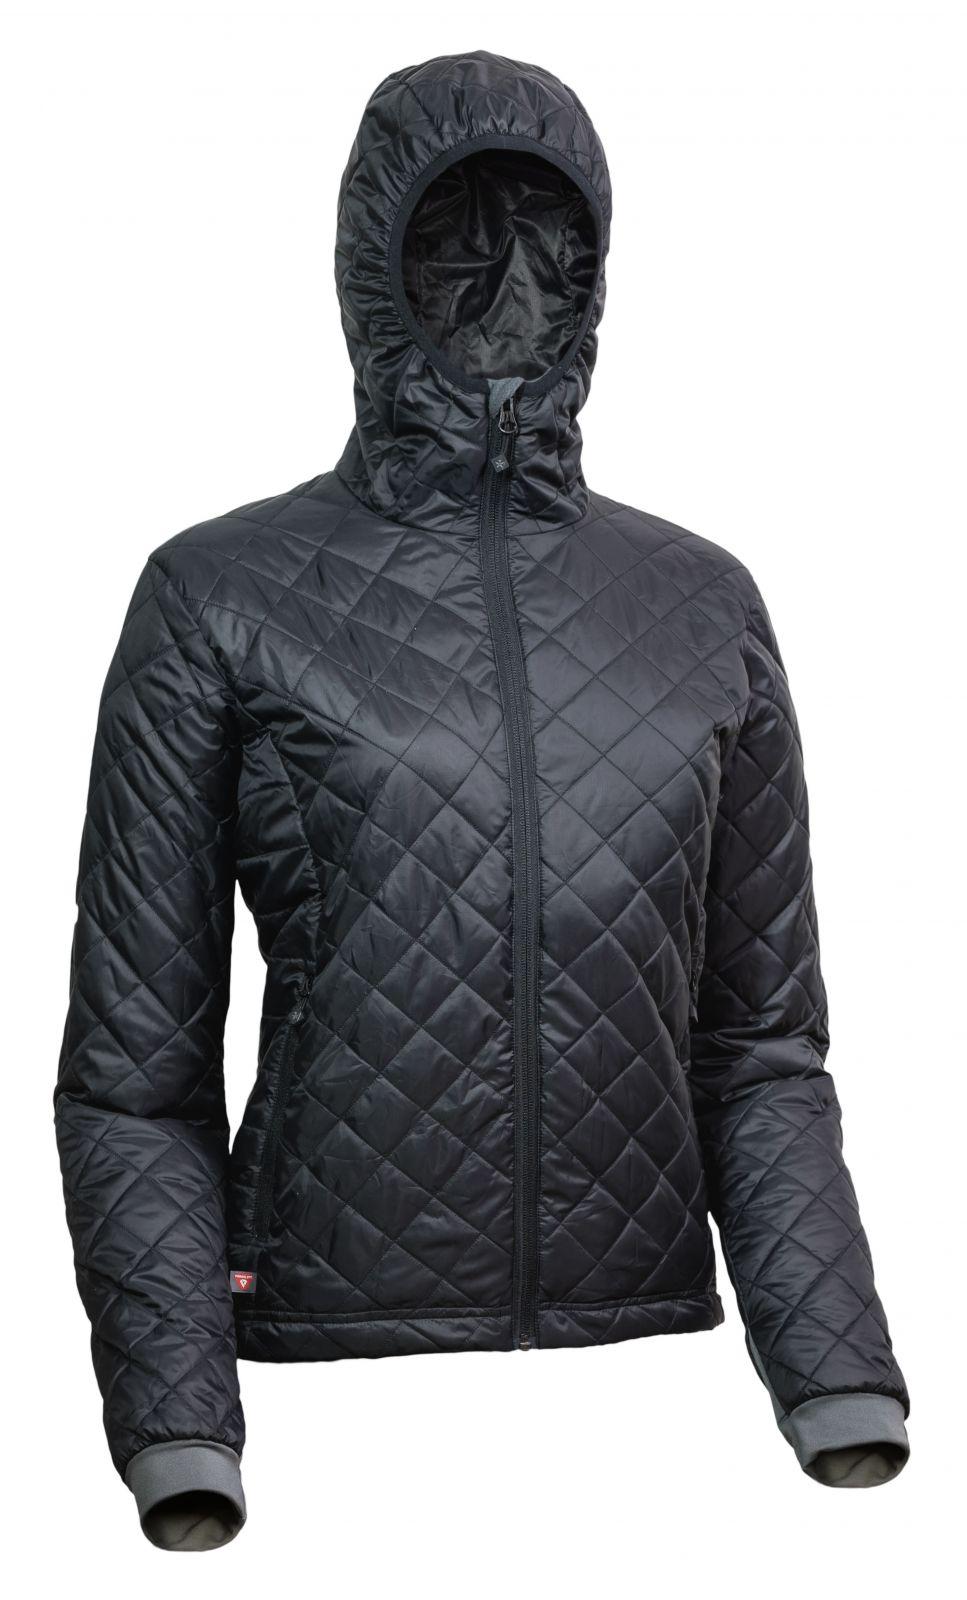 Tazz-Sport - Warmpeace Astra Lady black / black dámská bunda zateplená PrimaLoftem